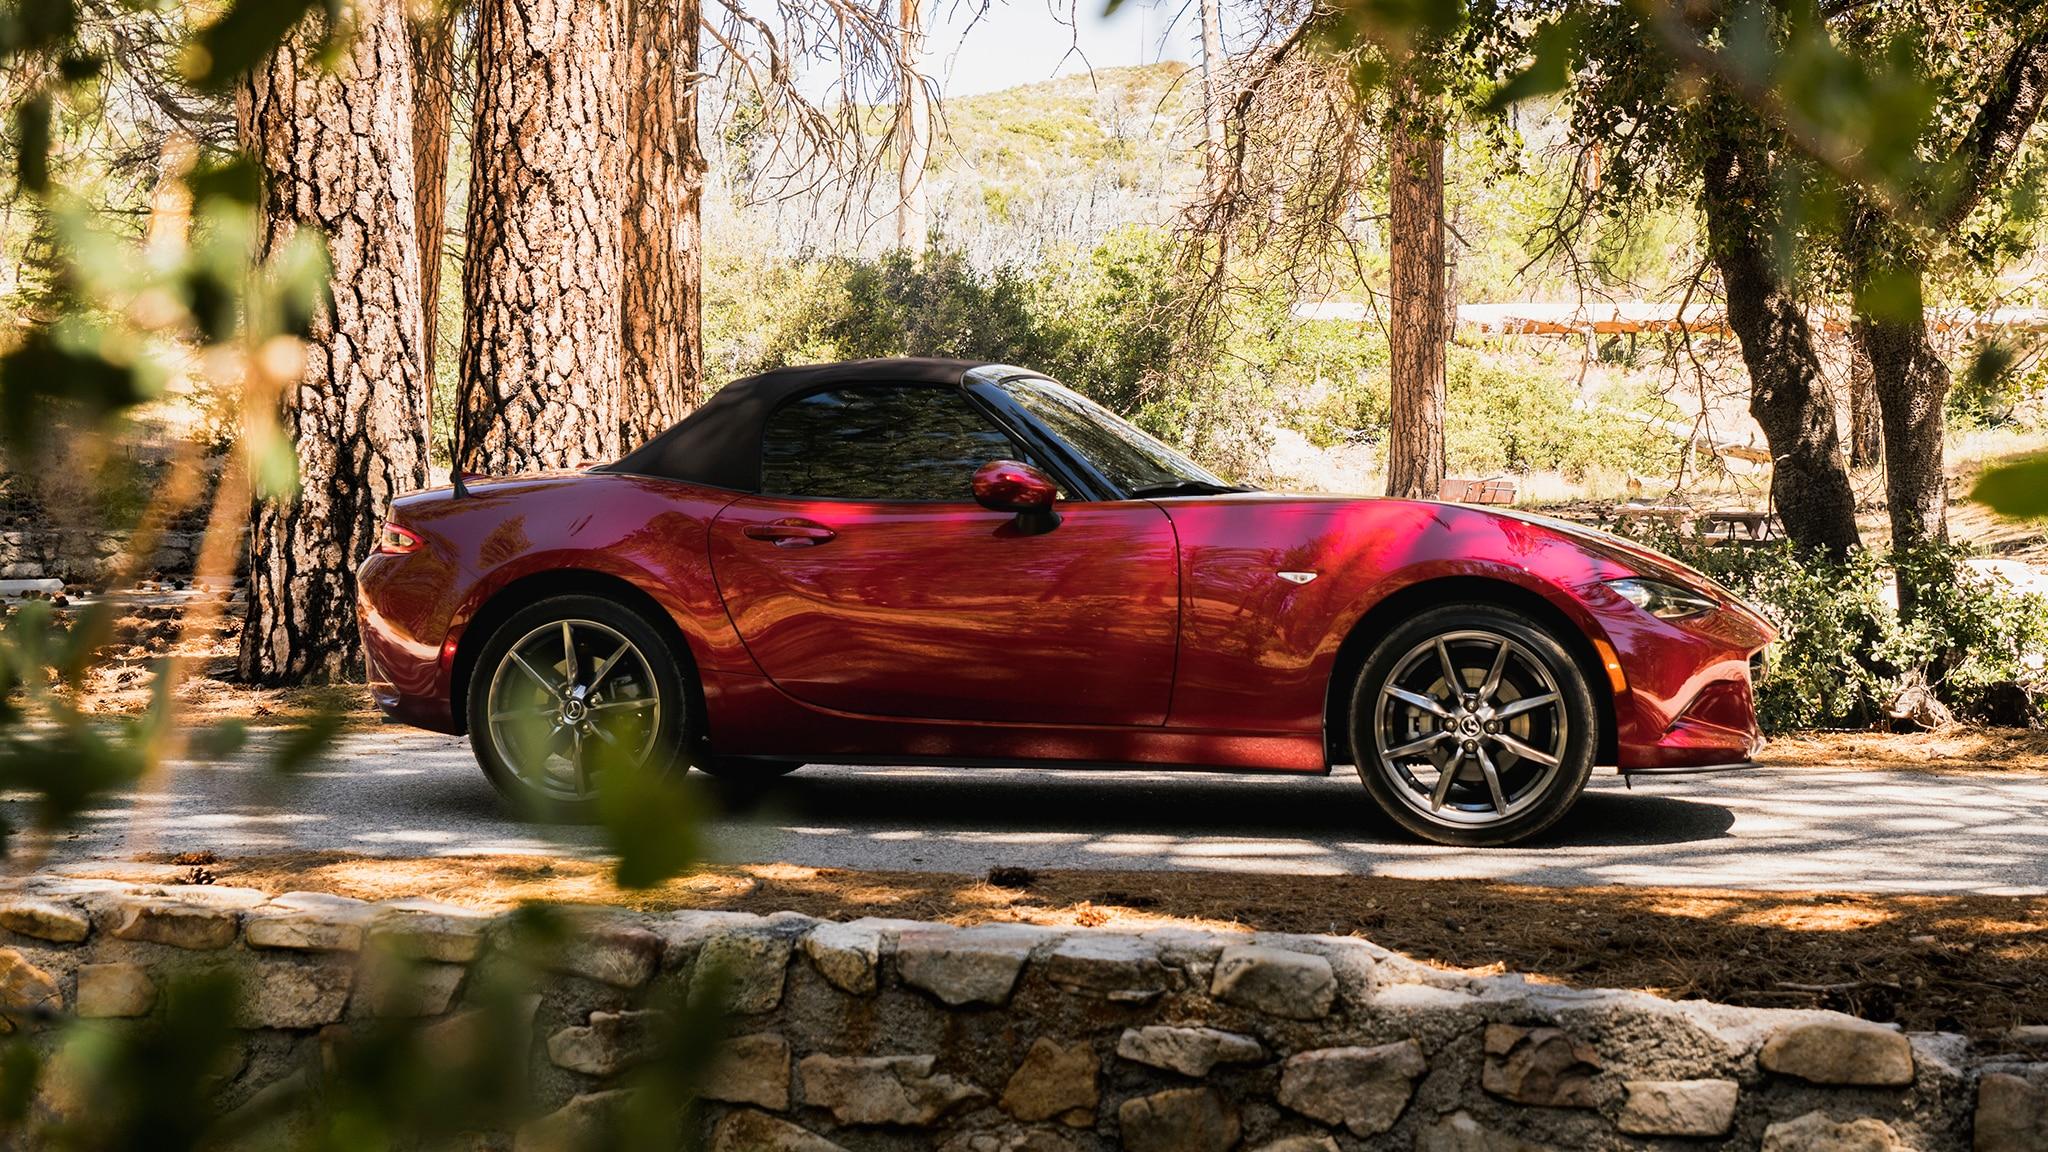 2019 Mazda Mx 5 Miata First Drive Review Automobile Magazine